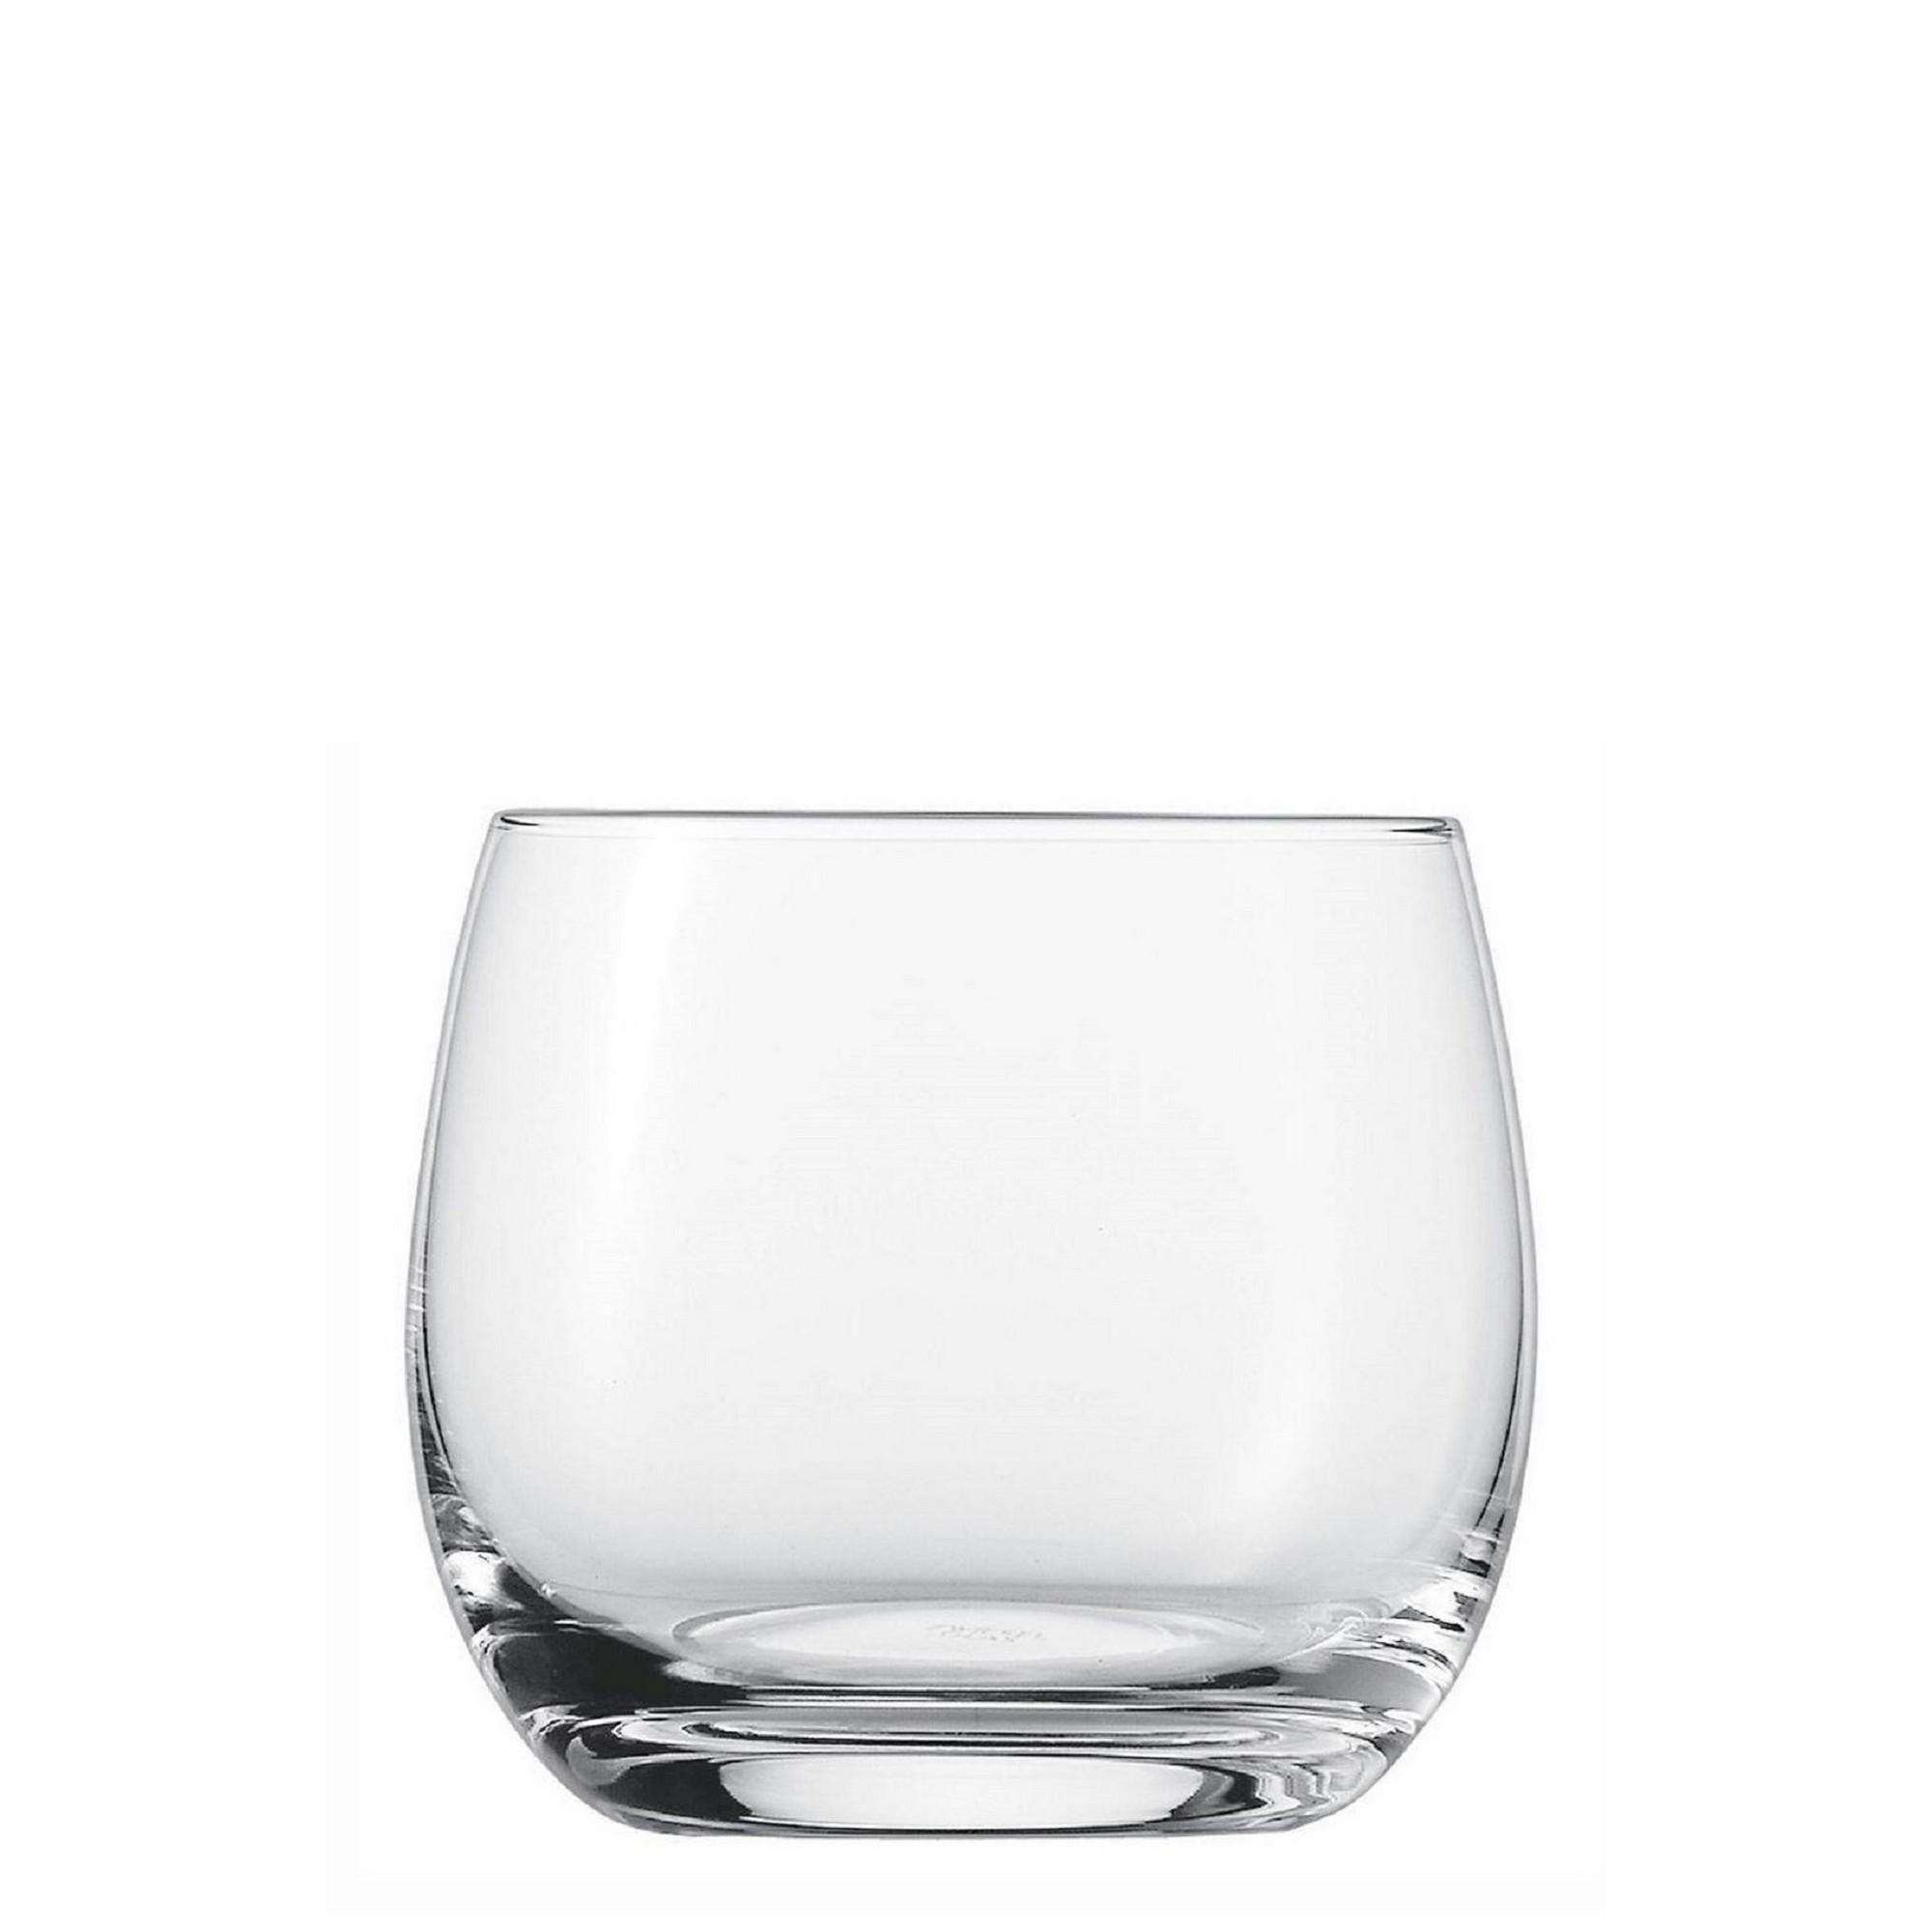 Copo para Whisky Banquet 400ml Schott Zwiesel 6 Peças de Cristal